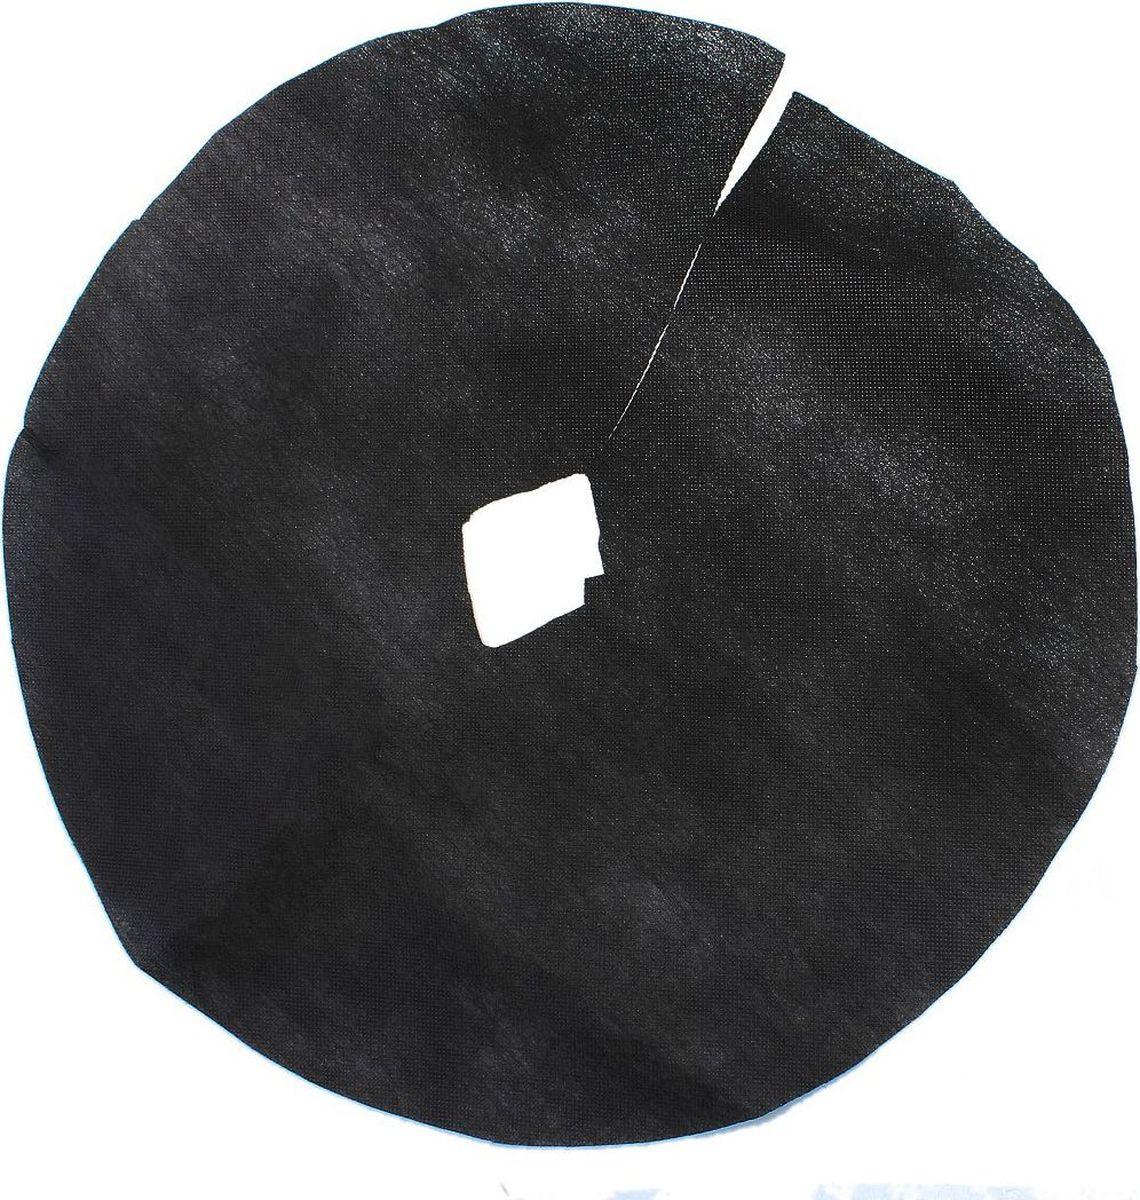 Круг приствольный Агротекс, цвет: черный, диаметр 0,6 м, 10 шт693586Используя приствольный круг Агротекс, есть несколько преимуществ:-вы можете навсегда забыть о прополке и придать своему саду аккуратный, ухоженный вид;-вы защитите свои посадки от холода и поможете им пережить резкие колебания температур;-вы улучшите аэрацию и дренаж почвы;-вы сохраните влагу и уменьшите испарение.Круг экологичен и прост в использовании: взрыхлите и разровняйте почву вокруг ствола, расстелите приствольный круг (сторона не имеет значения) и надёжно присыпьте края землёй или гравием. Теперь вы можете не беспокоиться о своих деревьях и кустарниках: на ближайшие три сезона это работа для Агротекс.